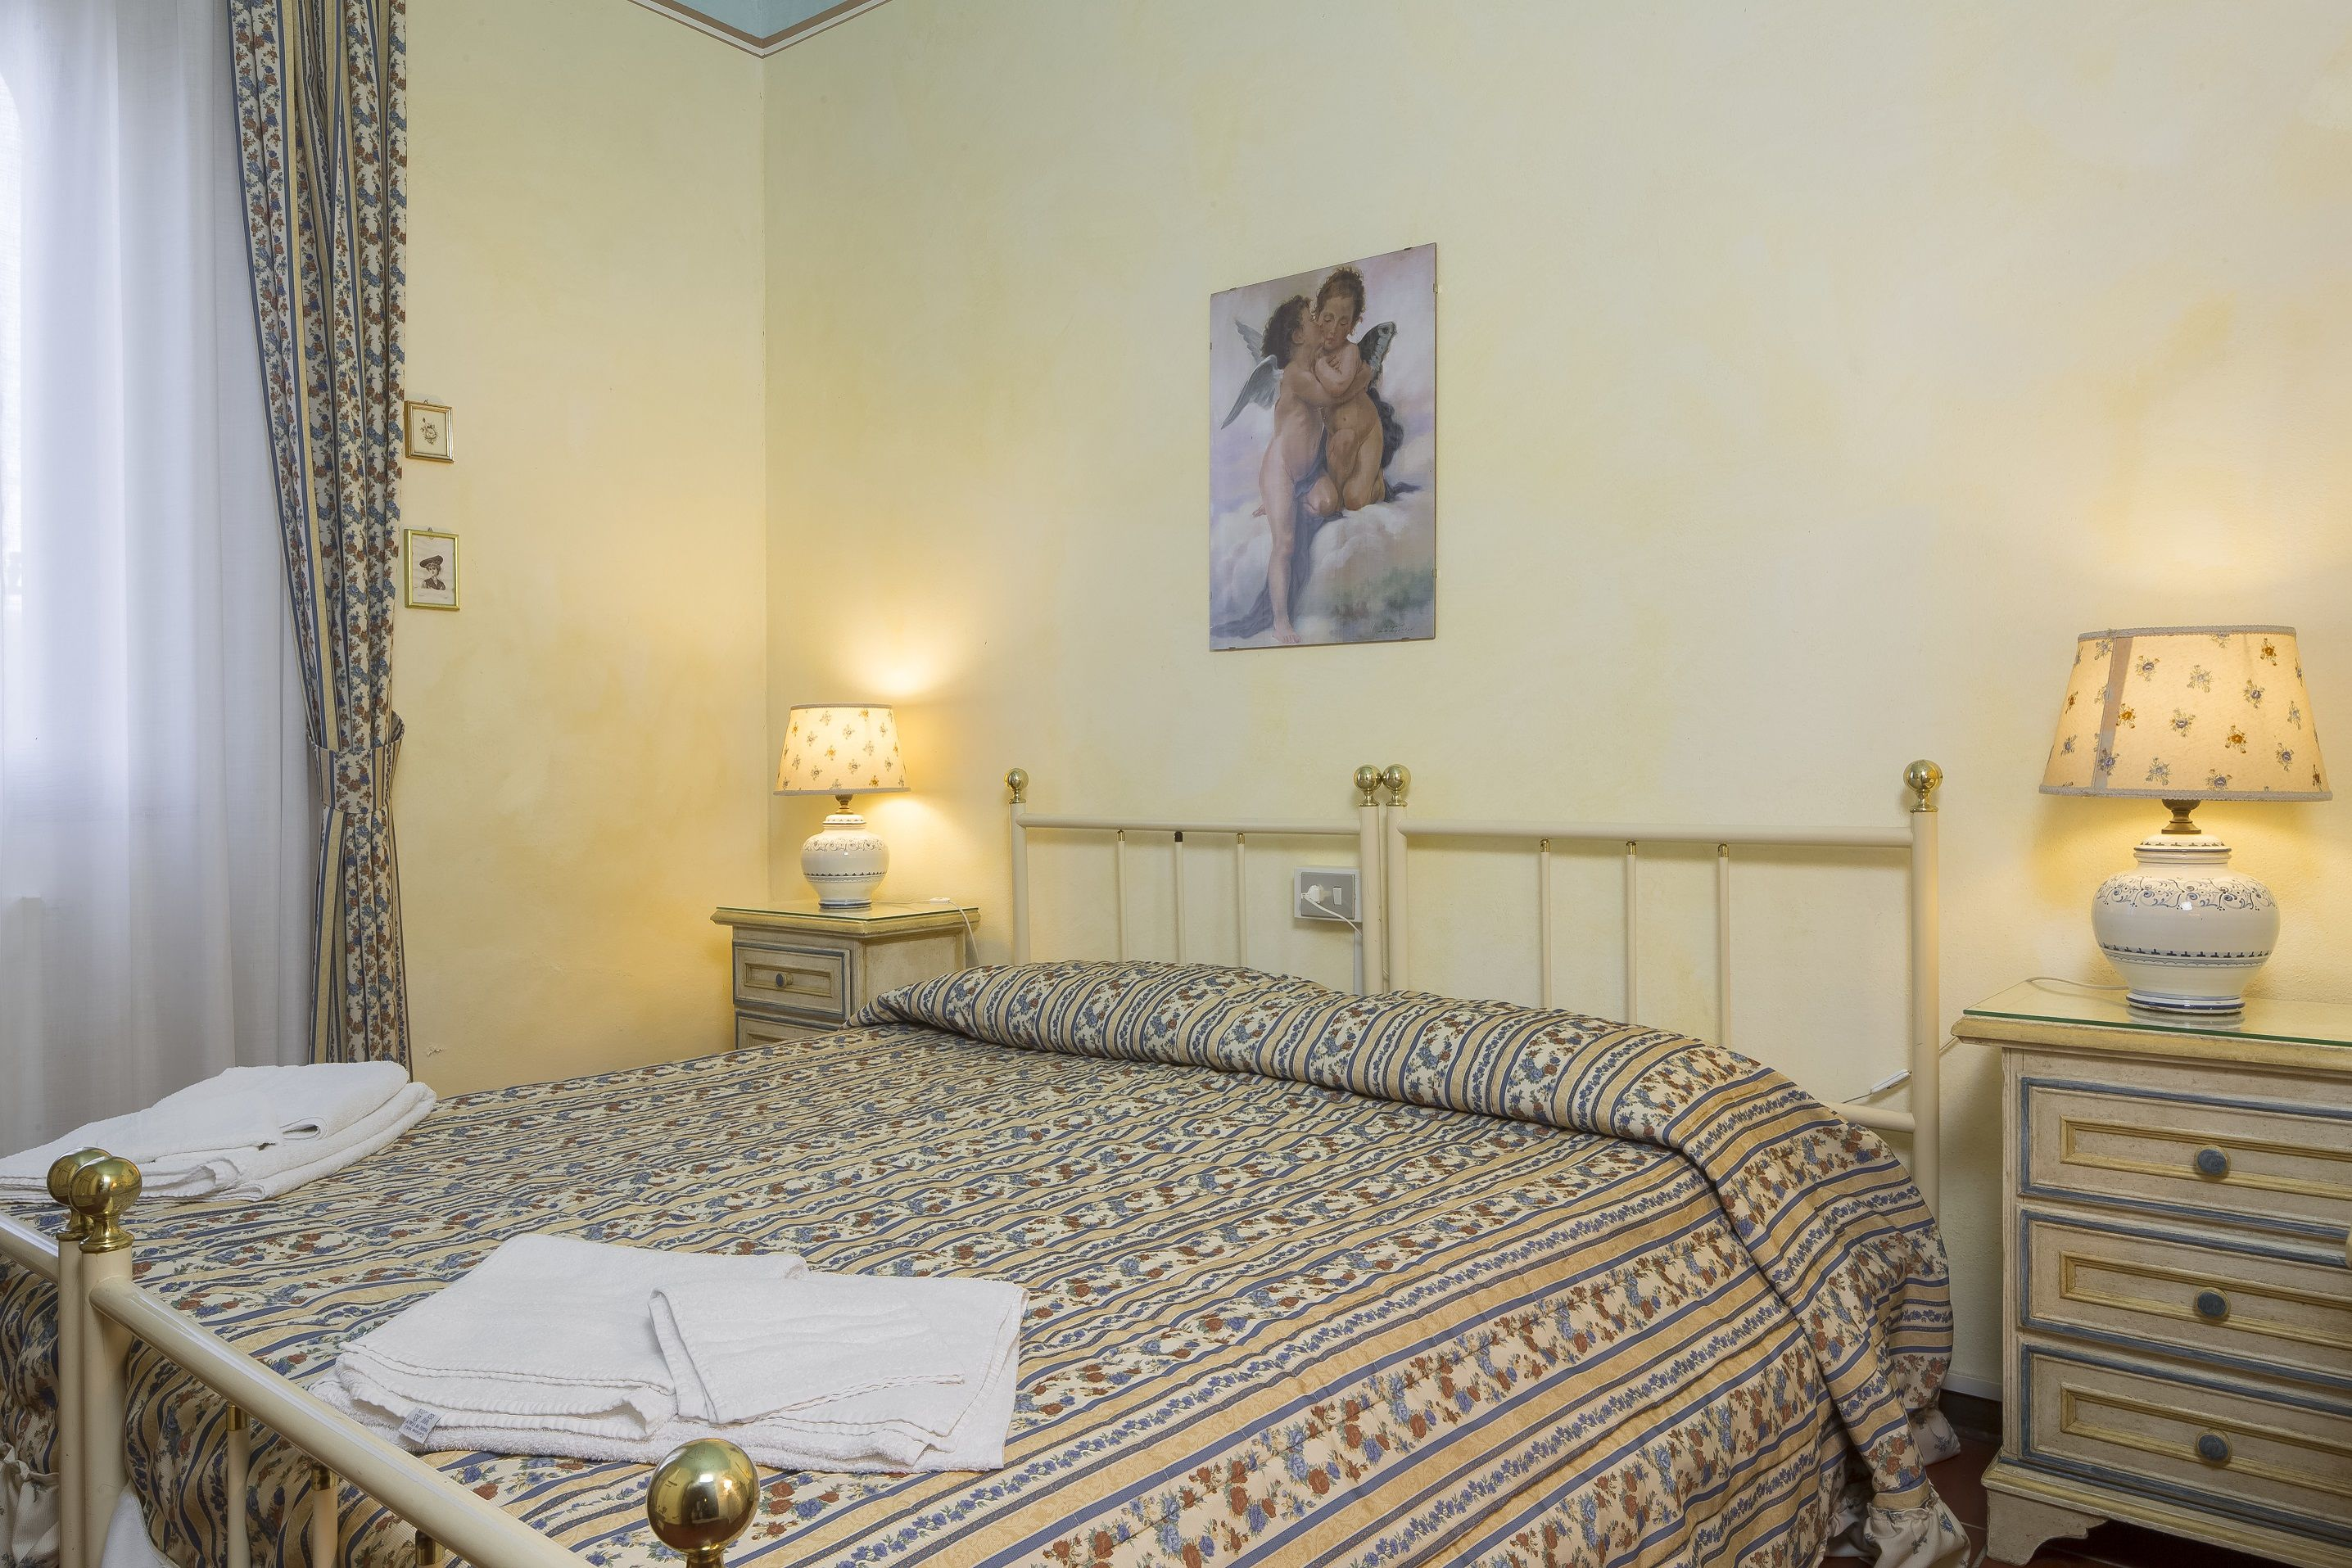 Apartment Bosco Lazzeroni Residence - Nabucco Holiday Home photo 19172218